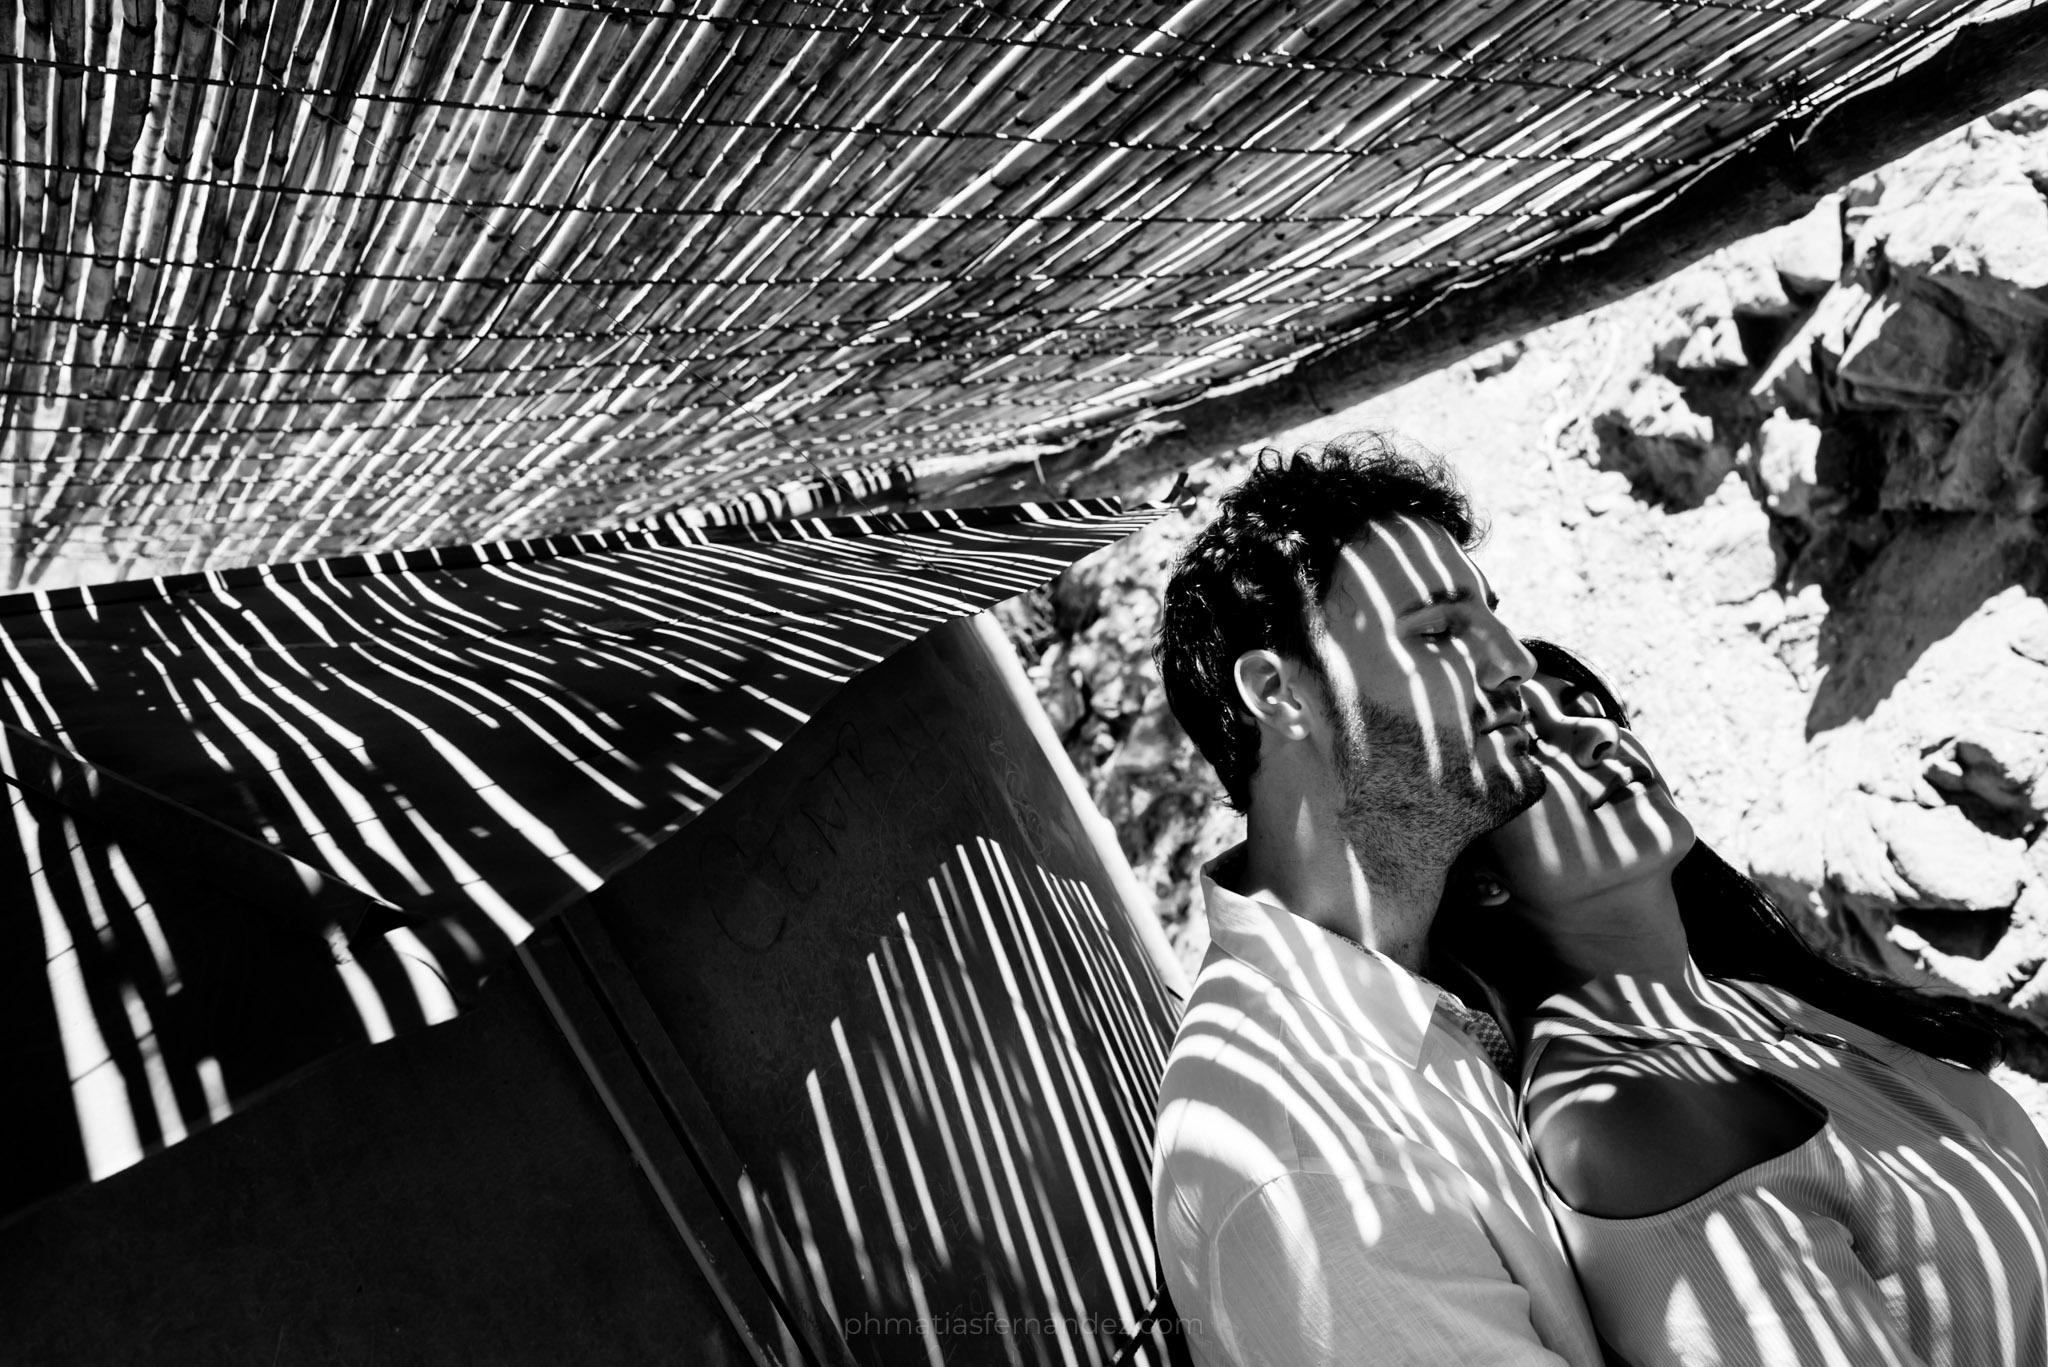 Johanna & Patrick - phmatiasfernandez.com - fotografo de bodas